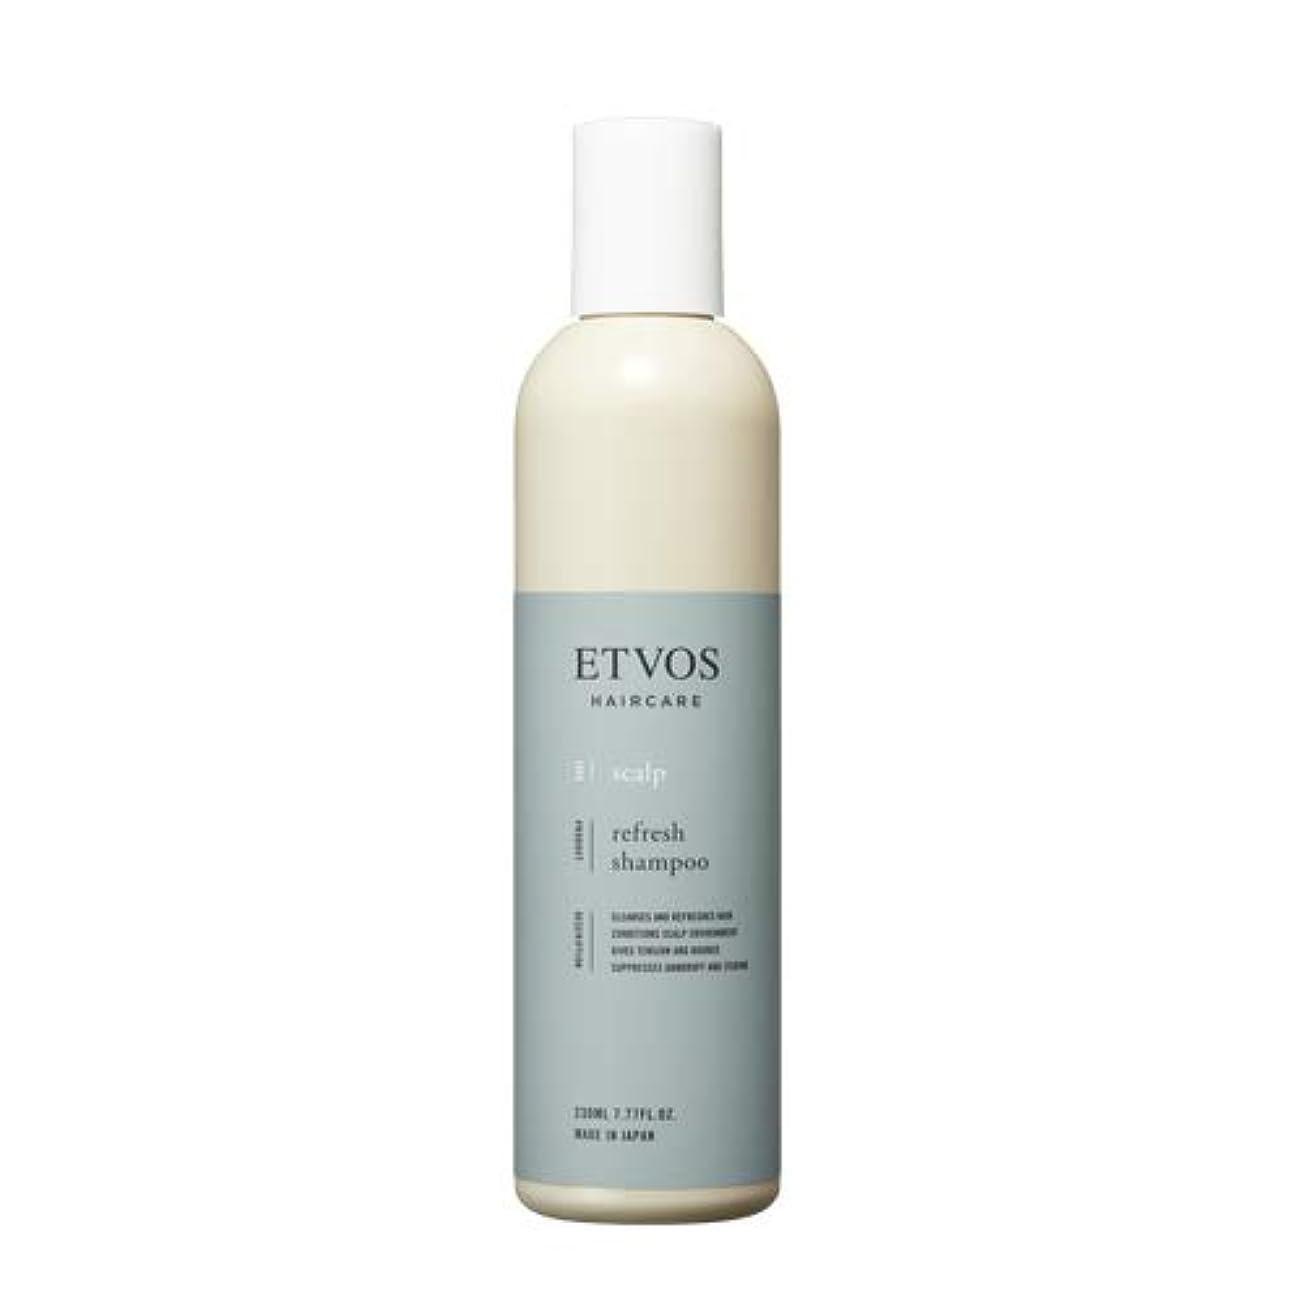 アレルギー十年みすぼらしいETVOS(エトヴォス) リフレッシュシャンプー 230ml さっぱり ノンシリコン アミノ酸系 頭皮の臭い/ベタつき